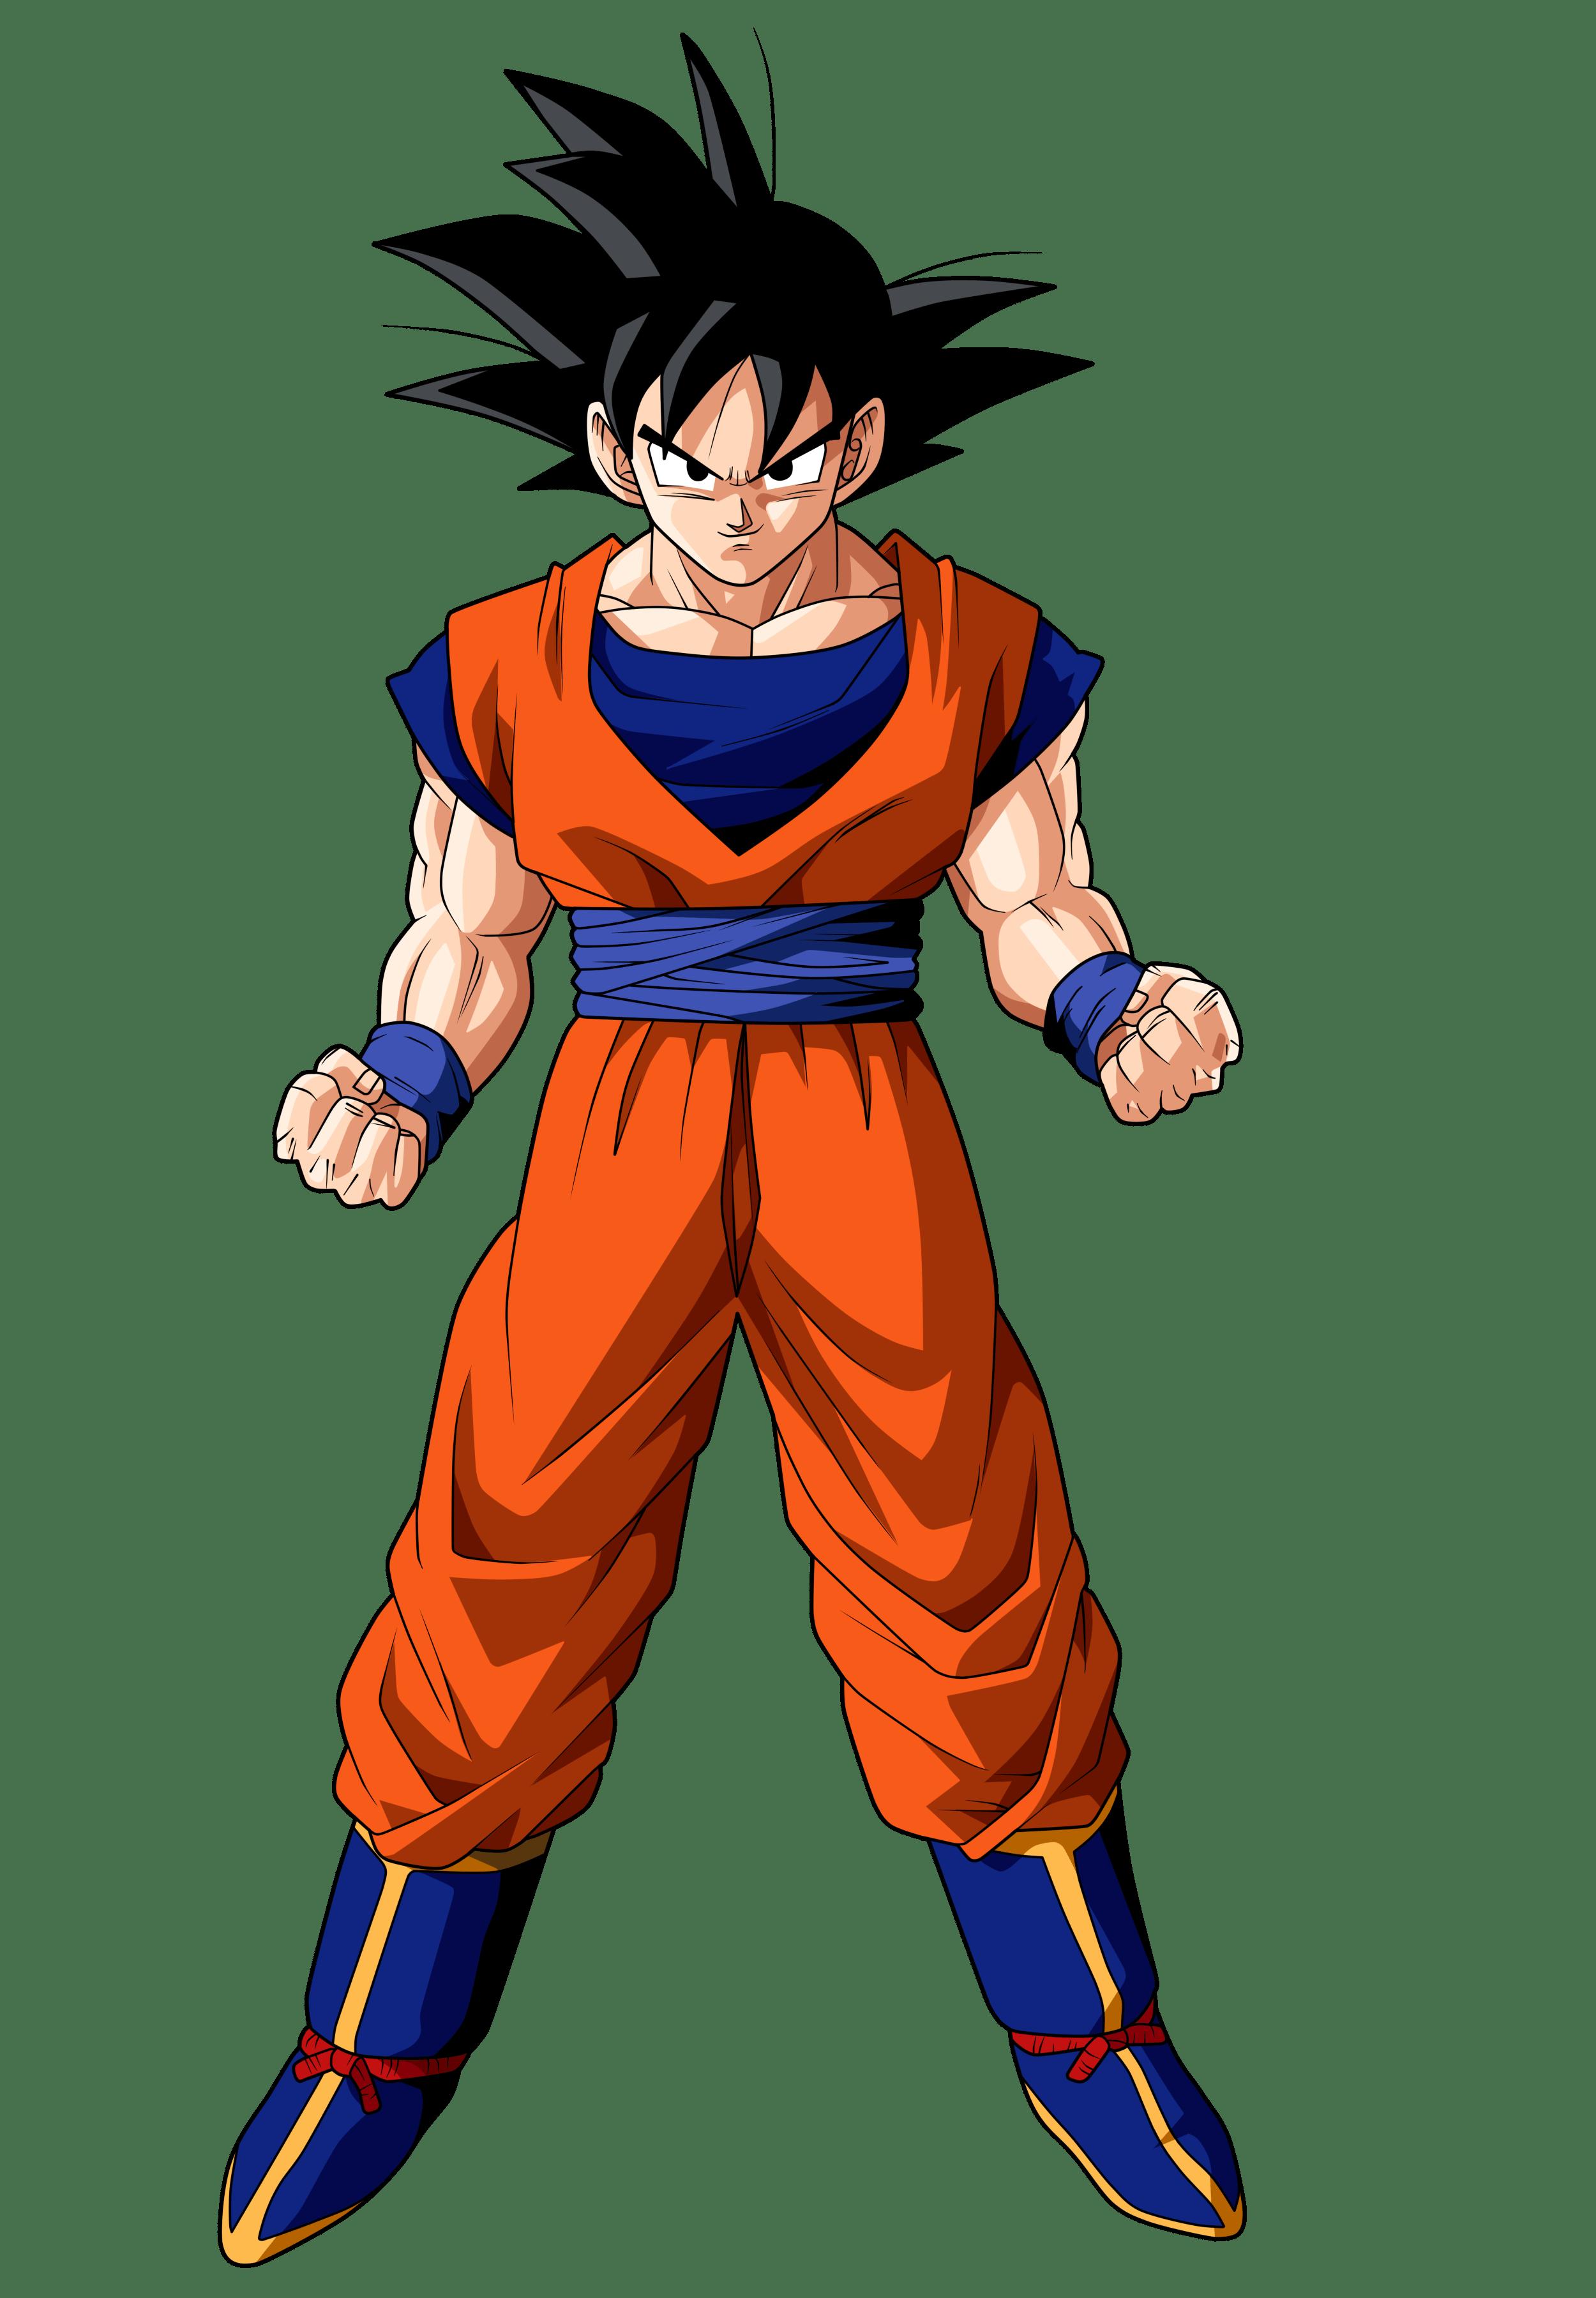 Goku De Que Pais Es